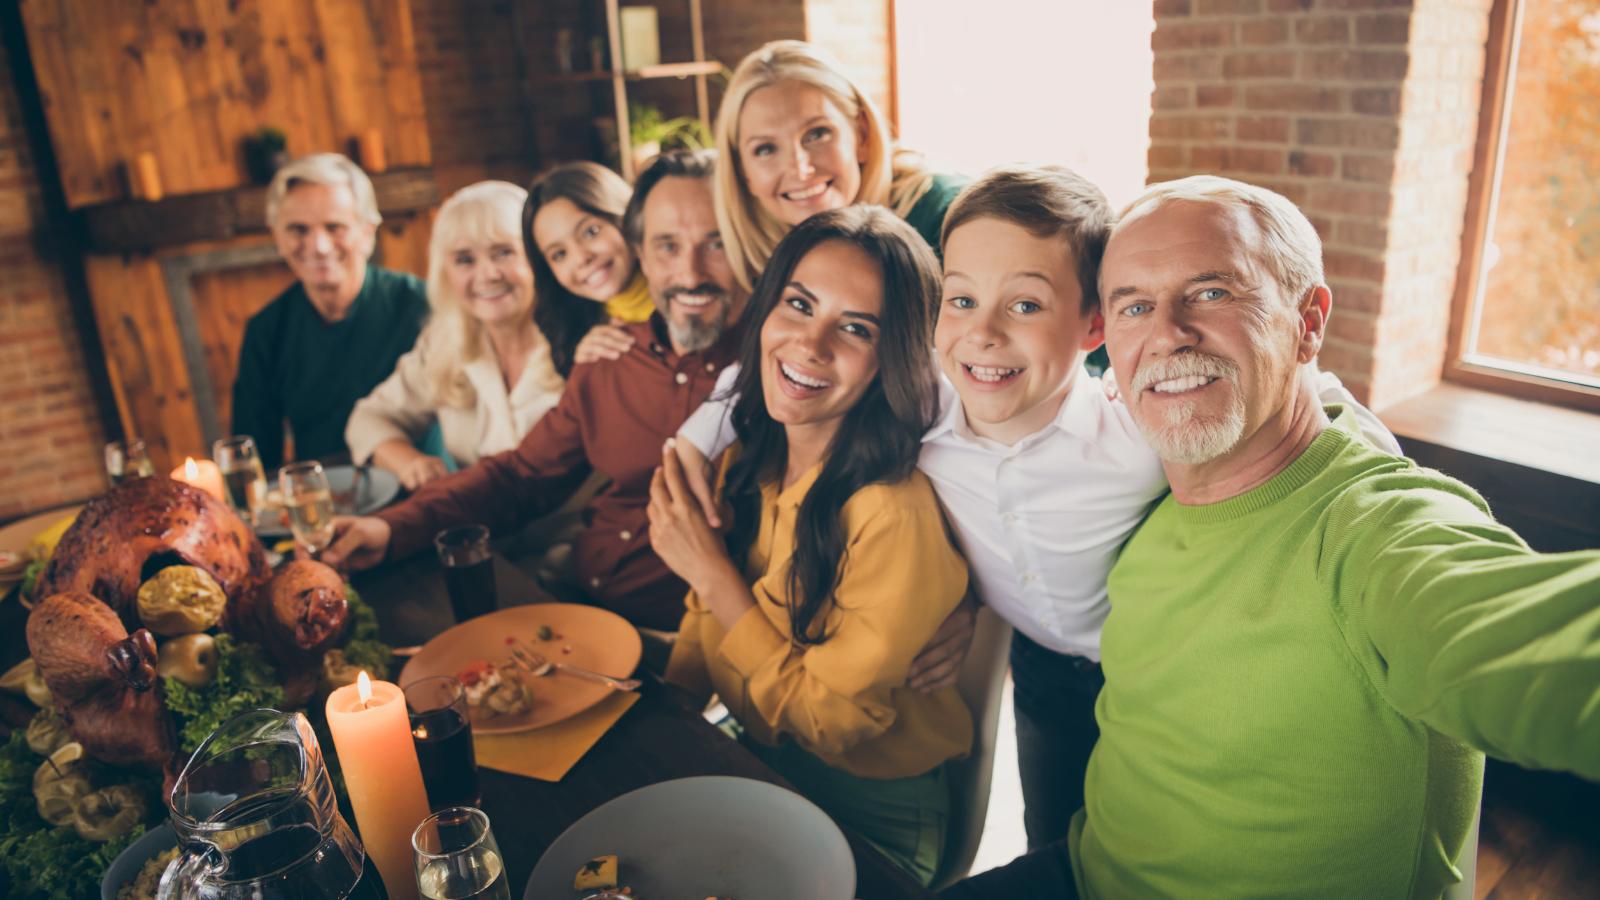 family selfie before holiday dinner